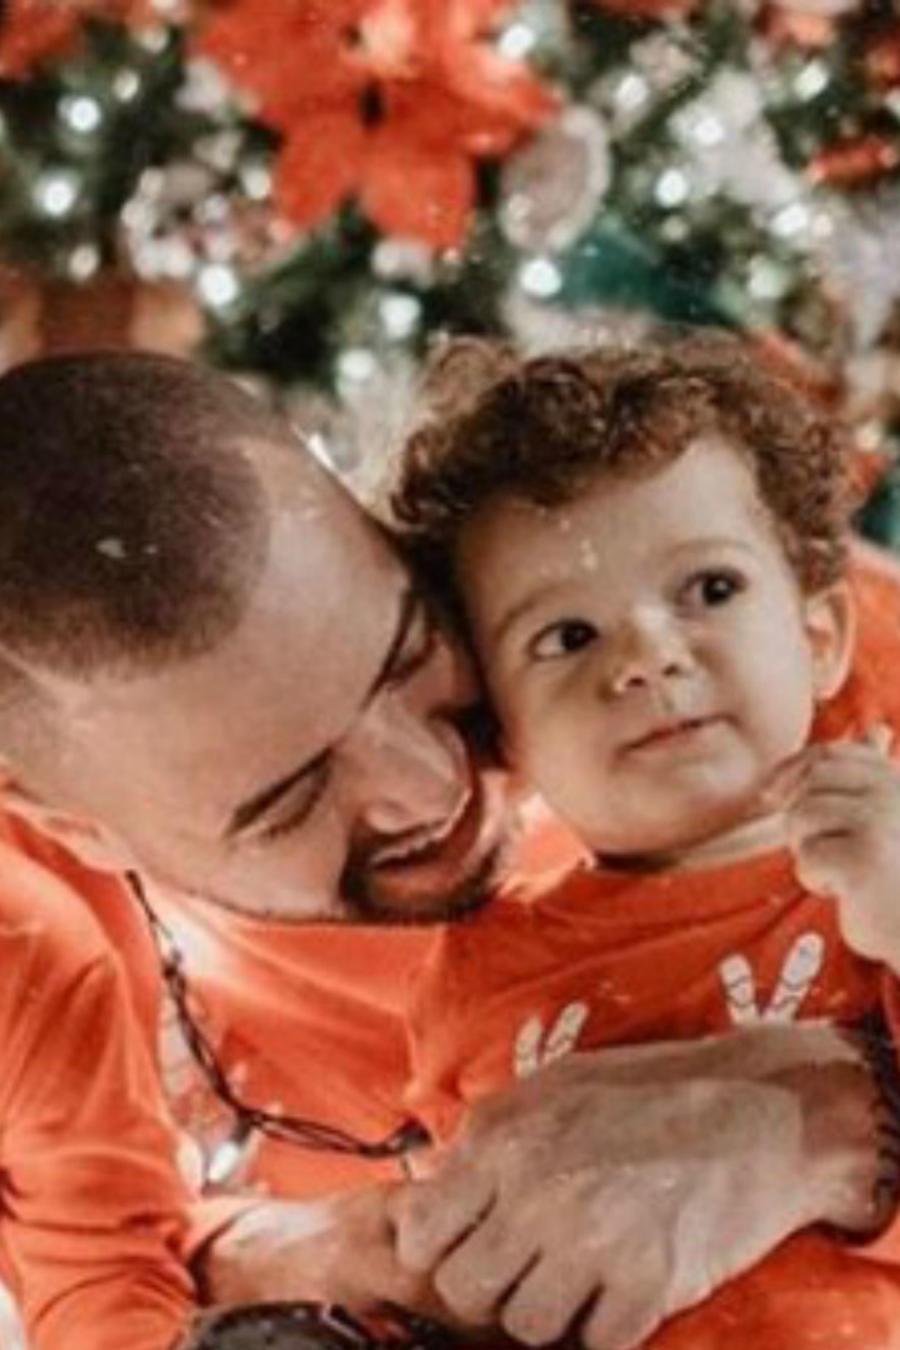 Nacho con su familia en mood Navideño